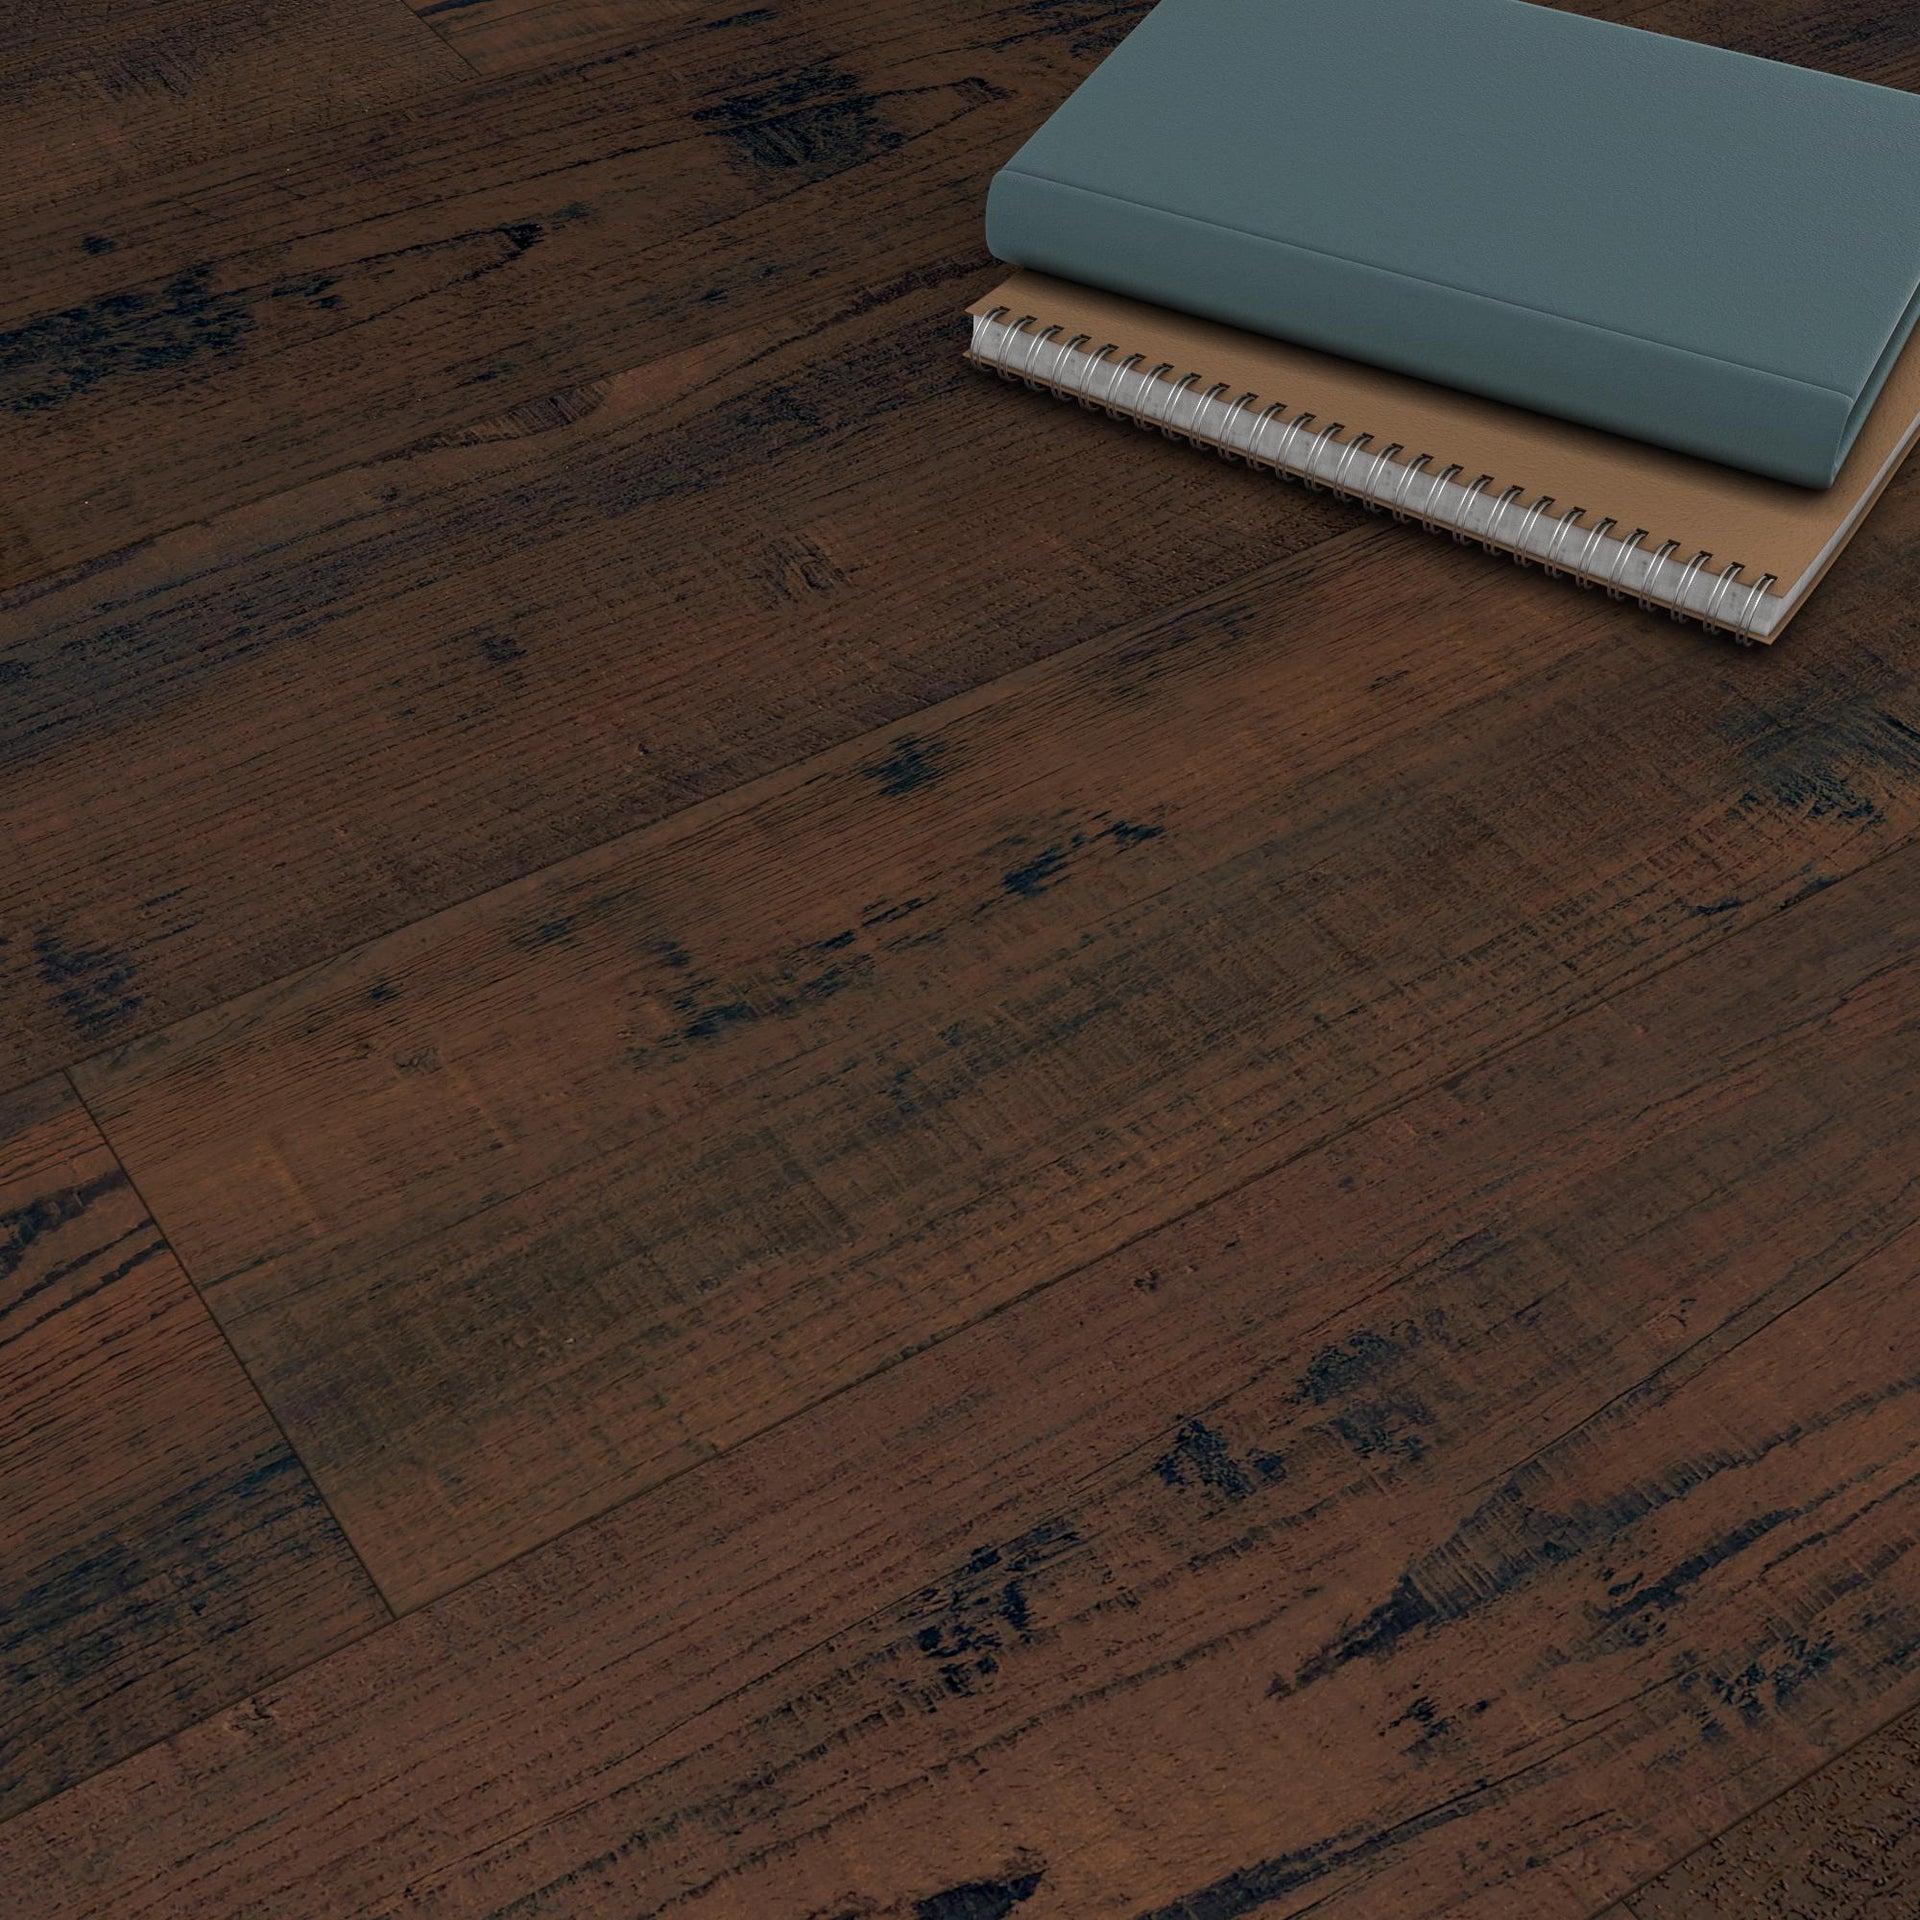 Pavimento PVC adesivo Tobacco Sp 2 mm marrone - 6